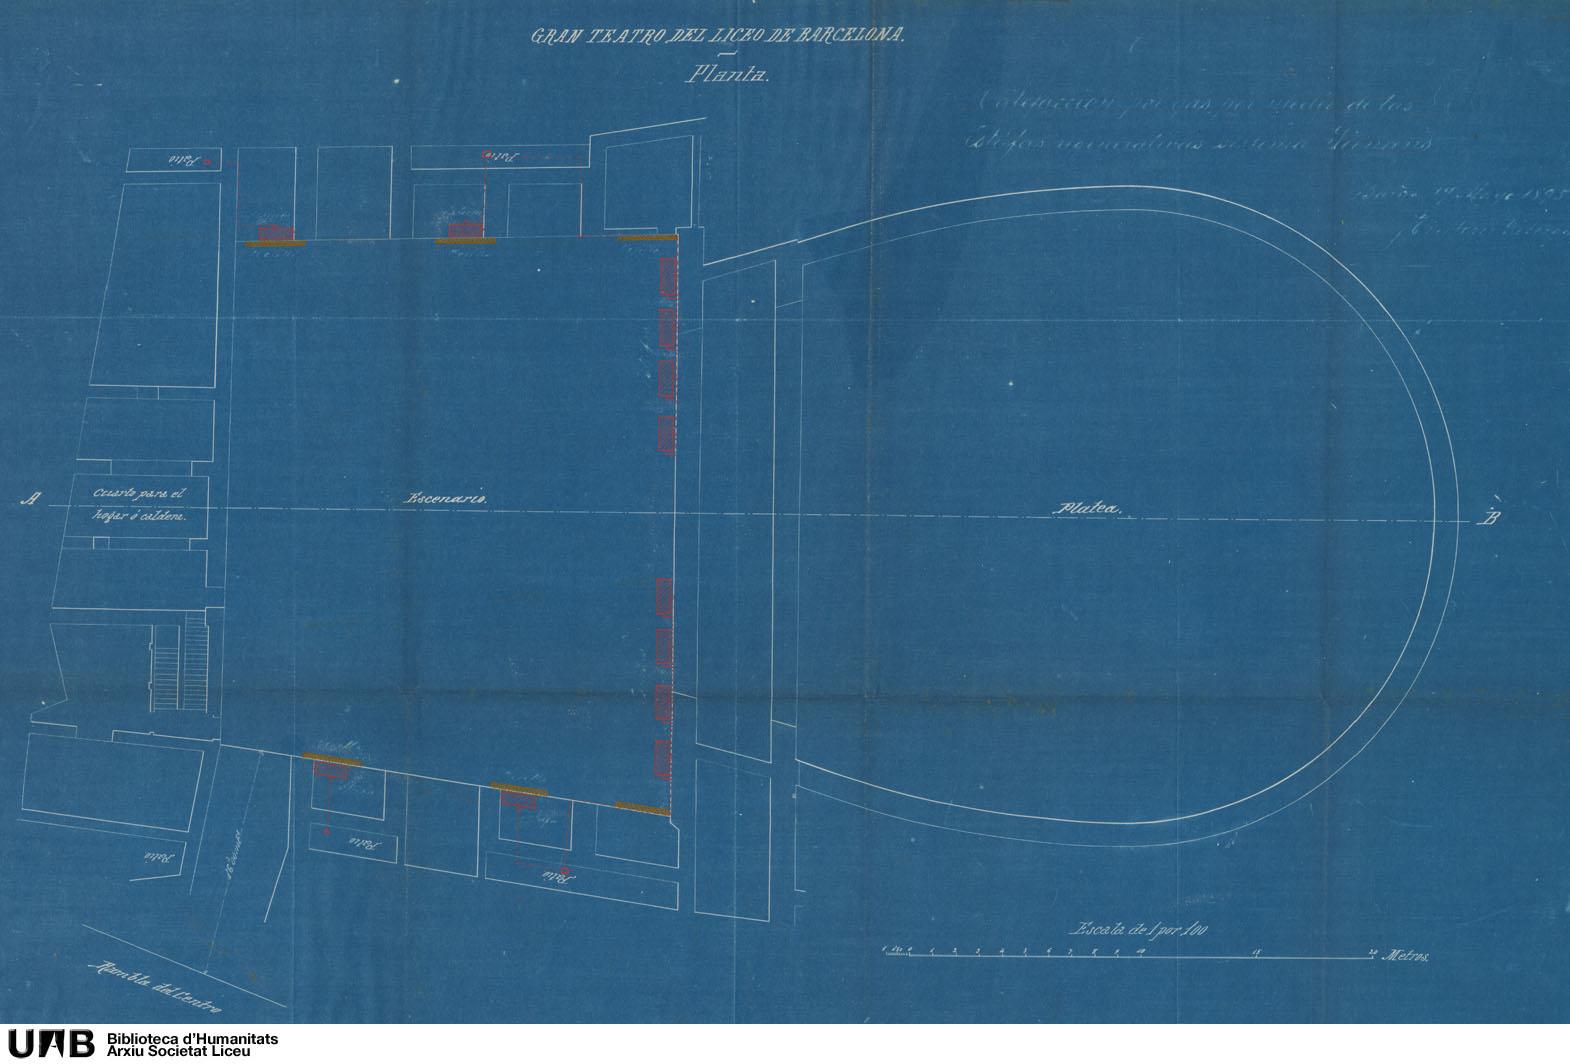 Calefacción por gas por medio de las estufas regenerativas sistema Siemens